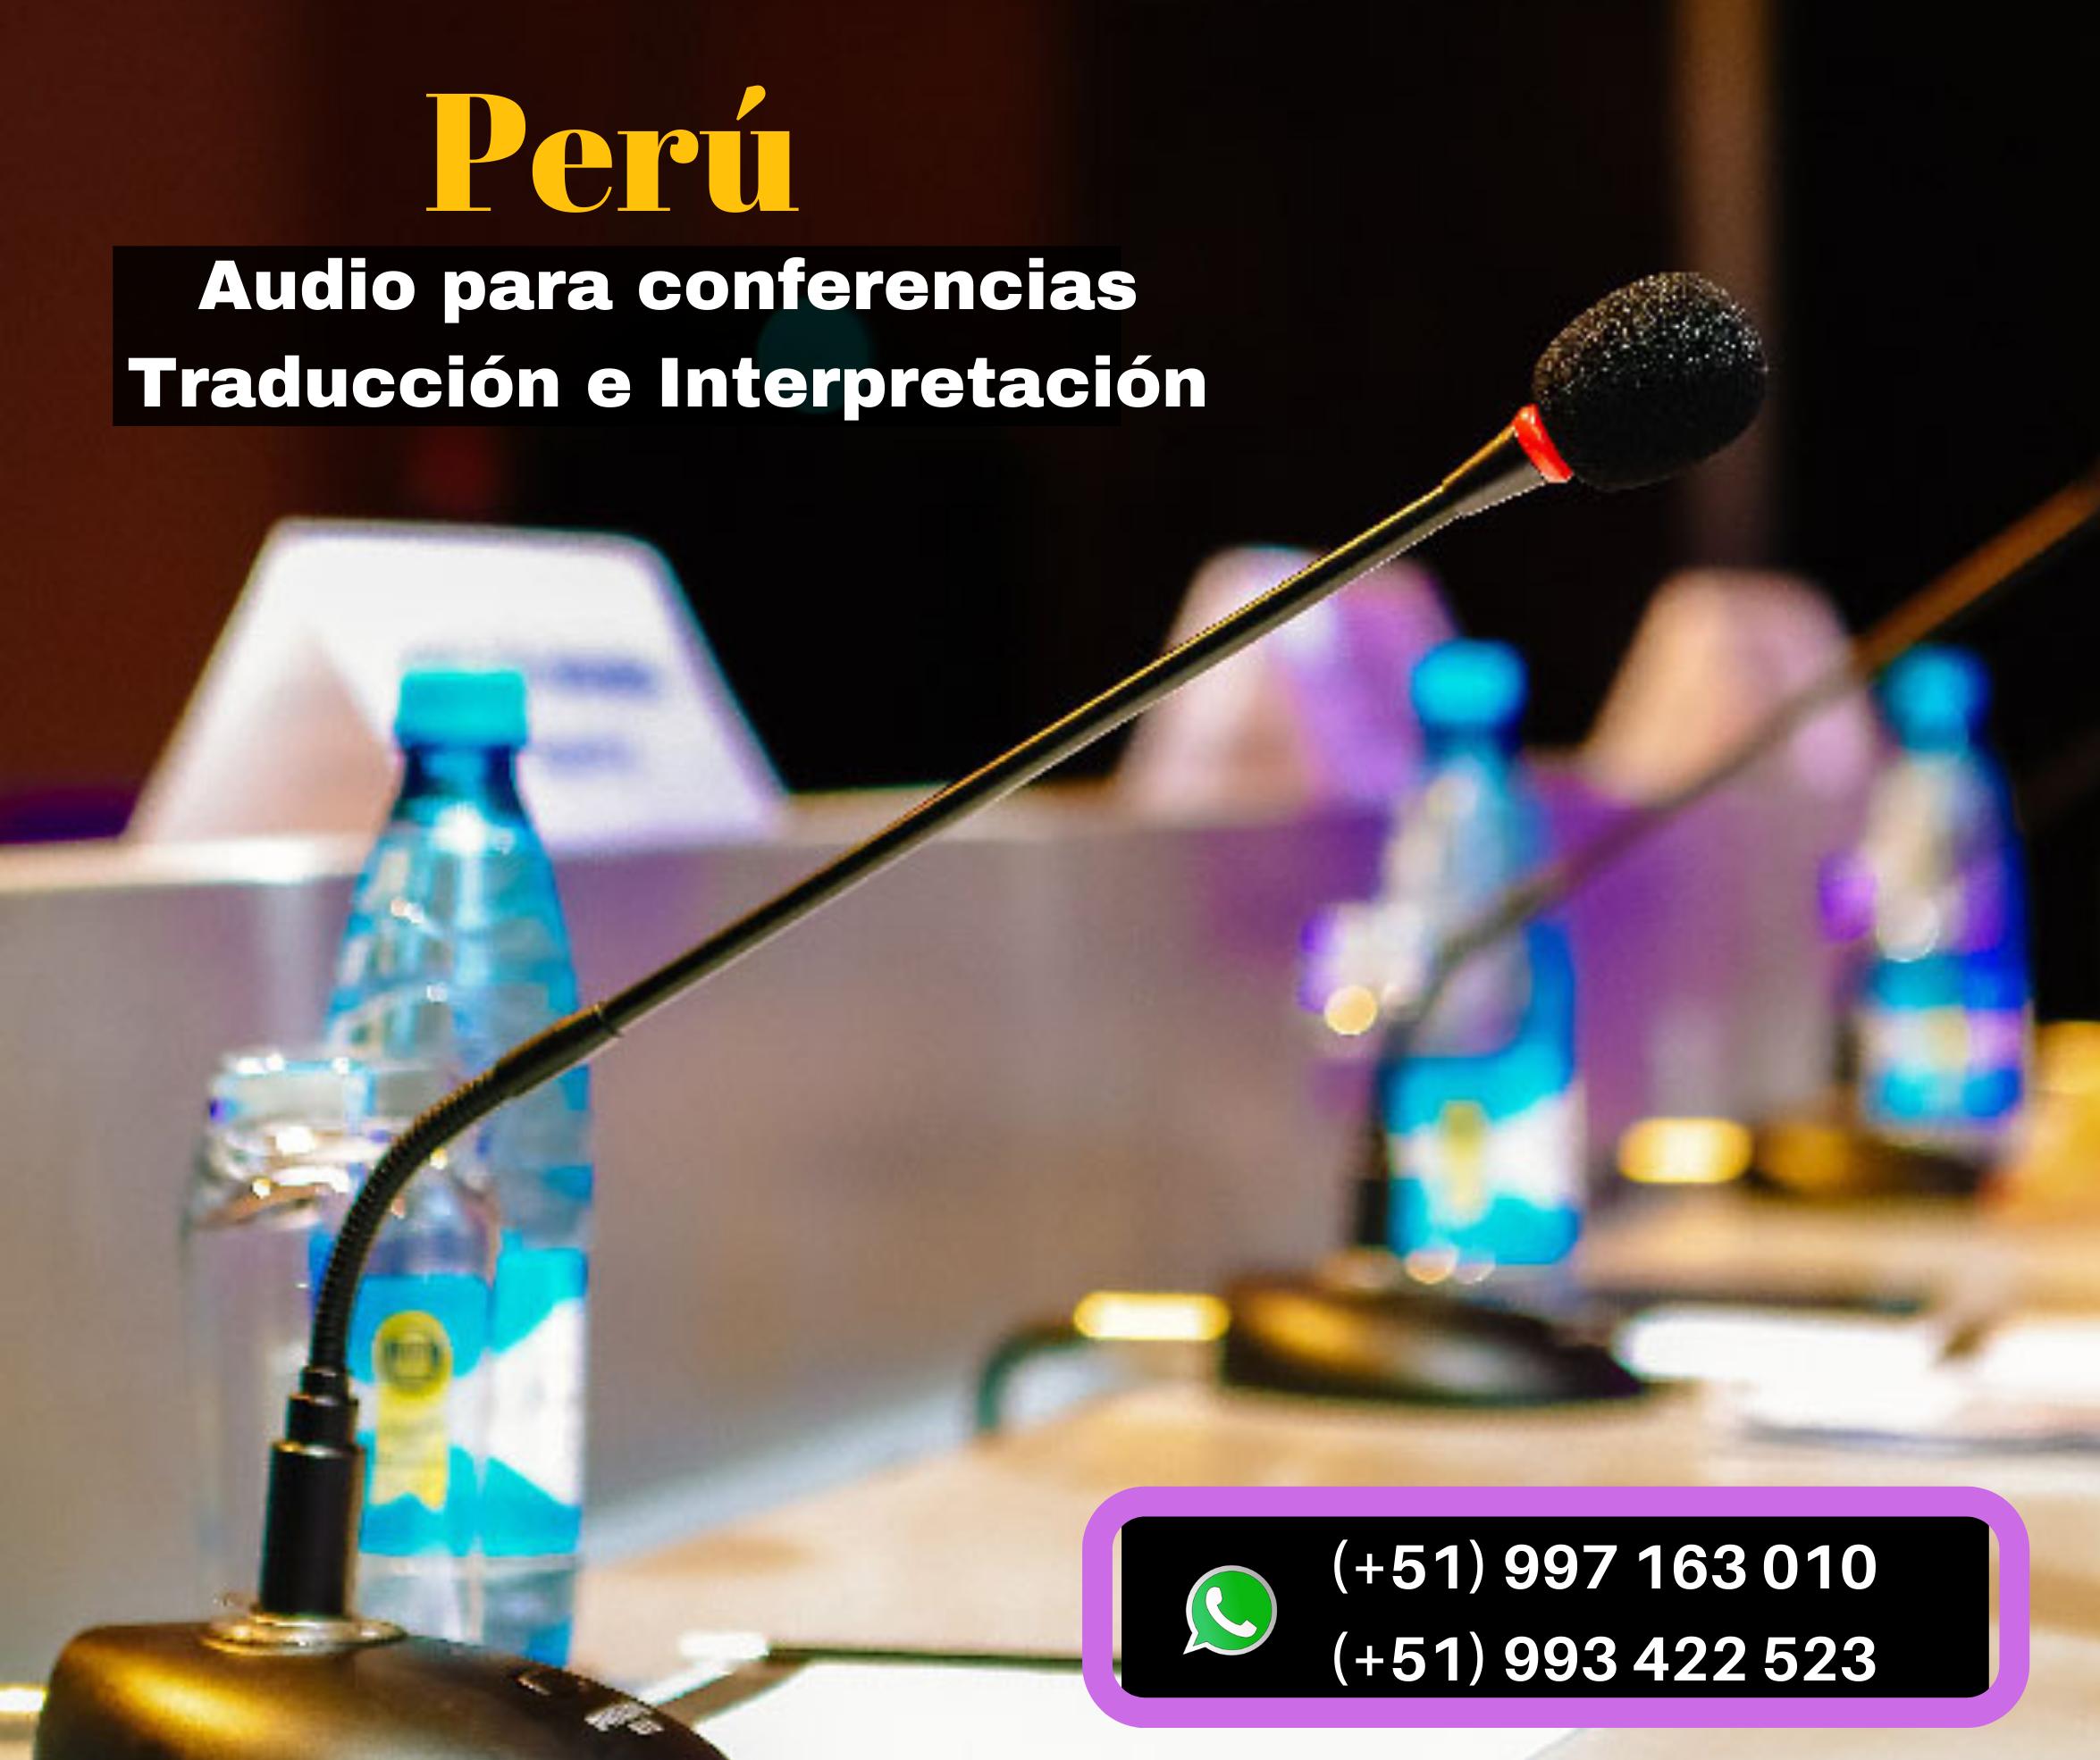 Alquiler Ecran para proyección  Lima ✅ C. (51) 997163010